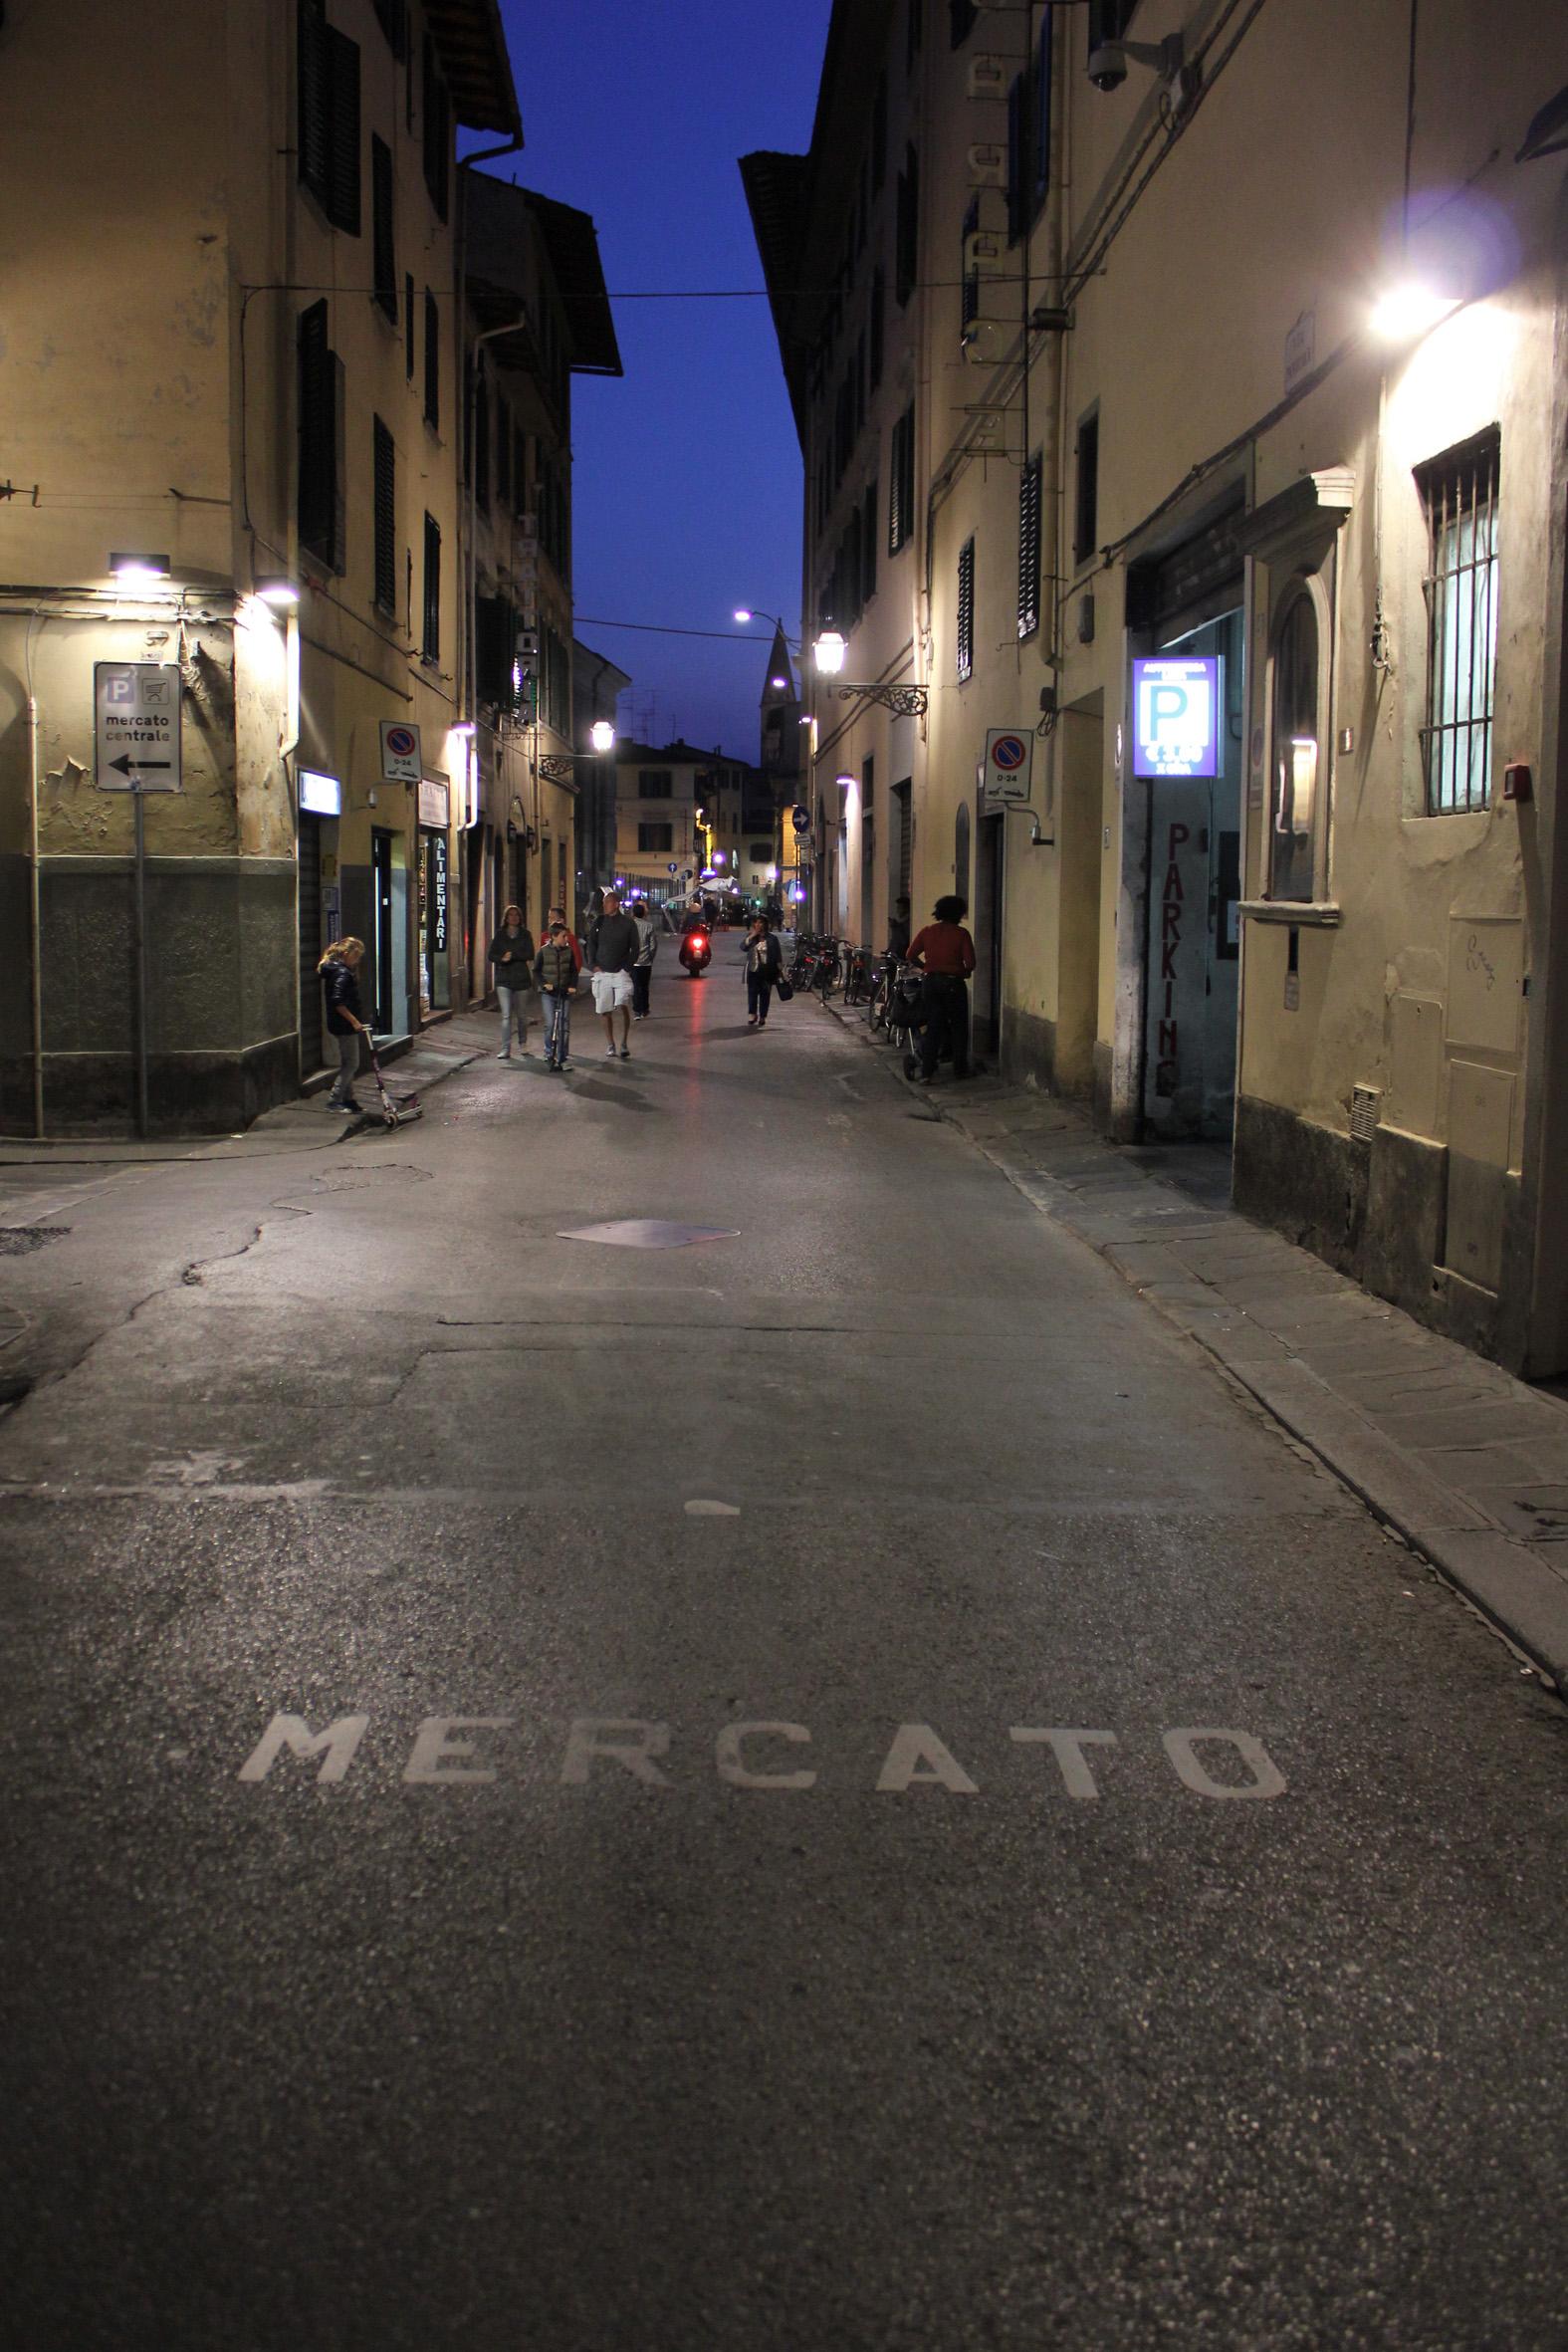 Mercato Centralo. Market in Firenze ©lowereast